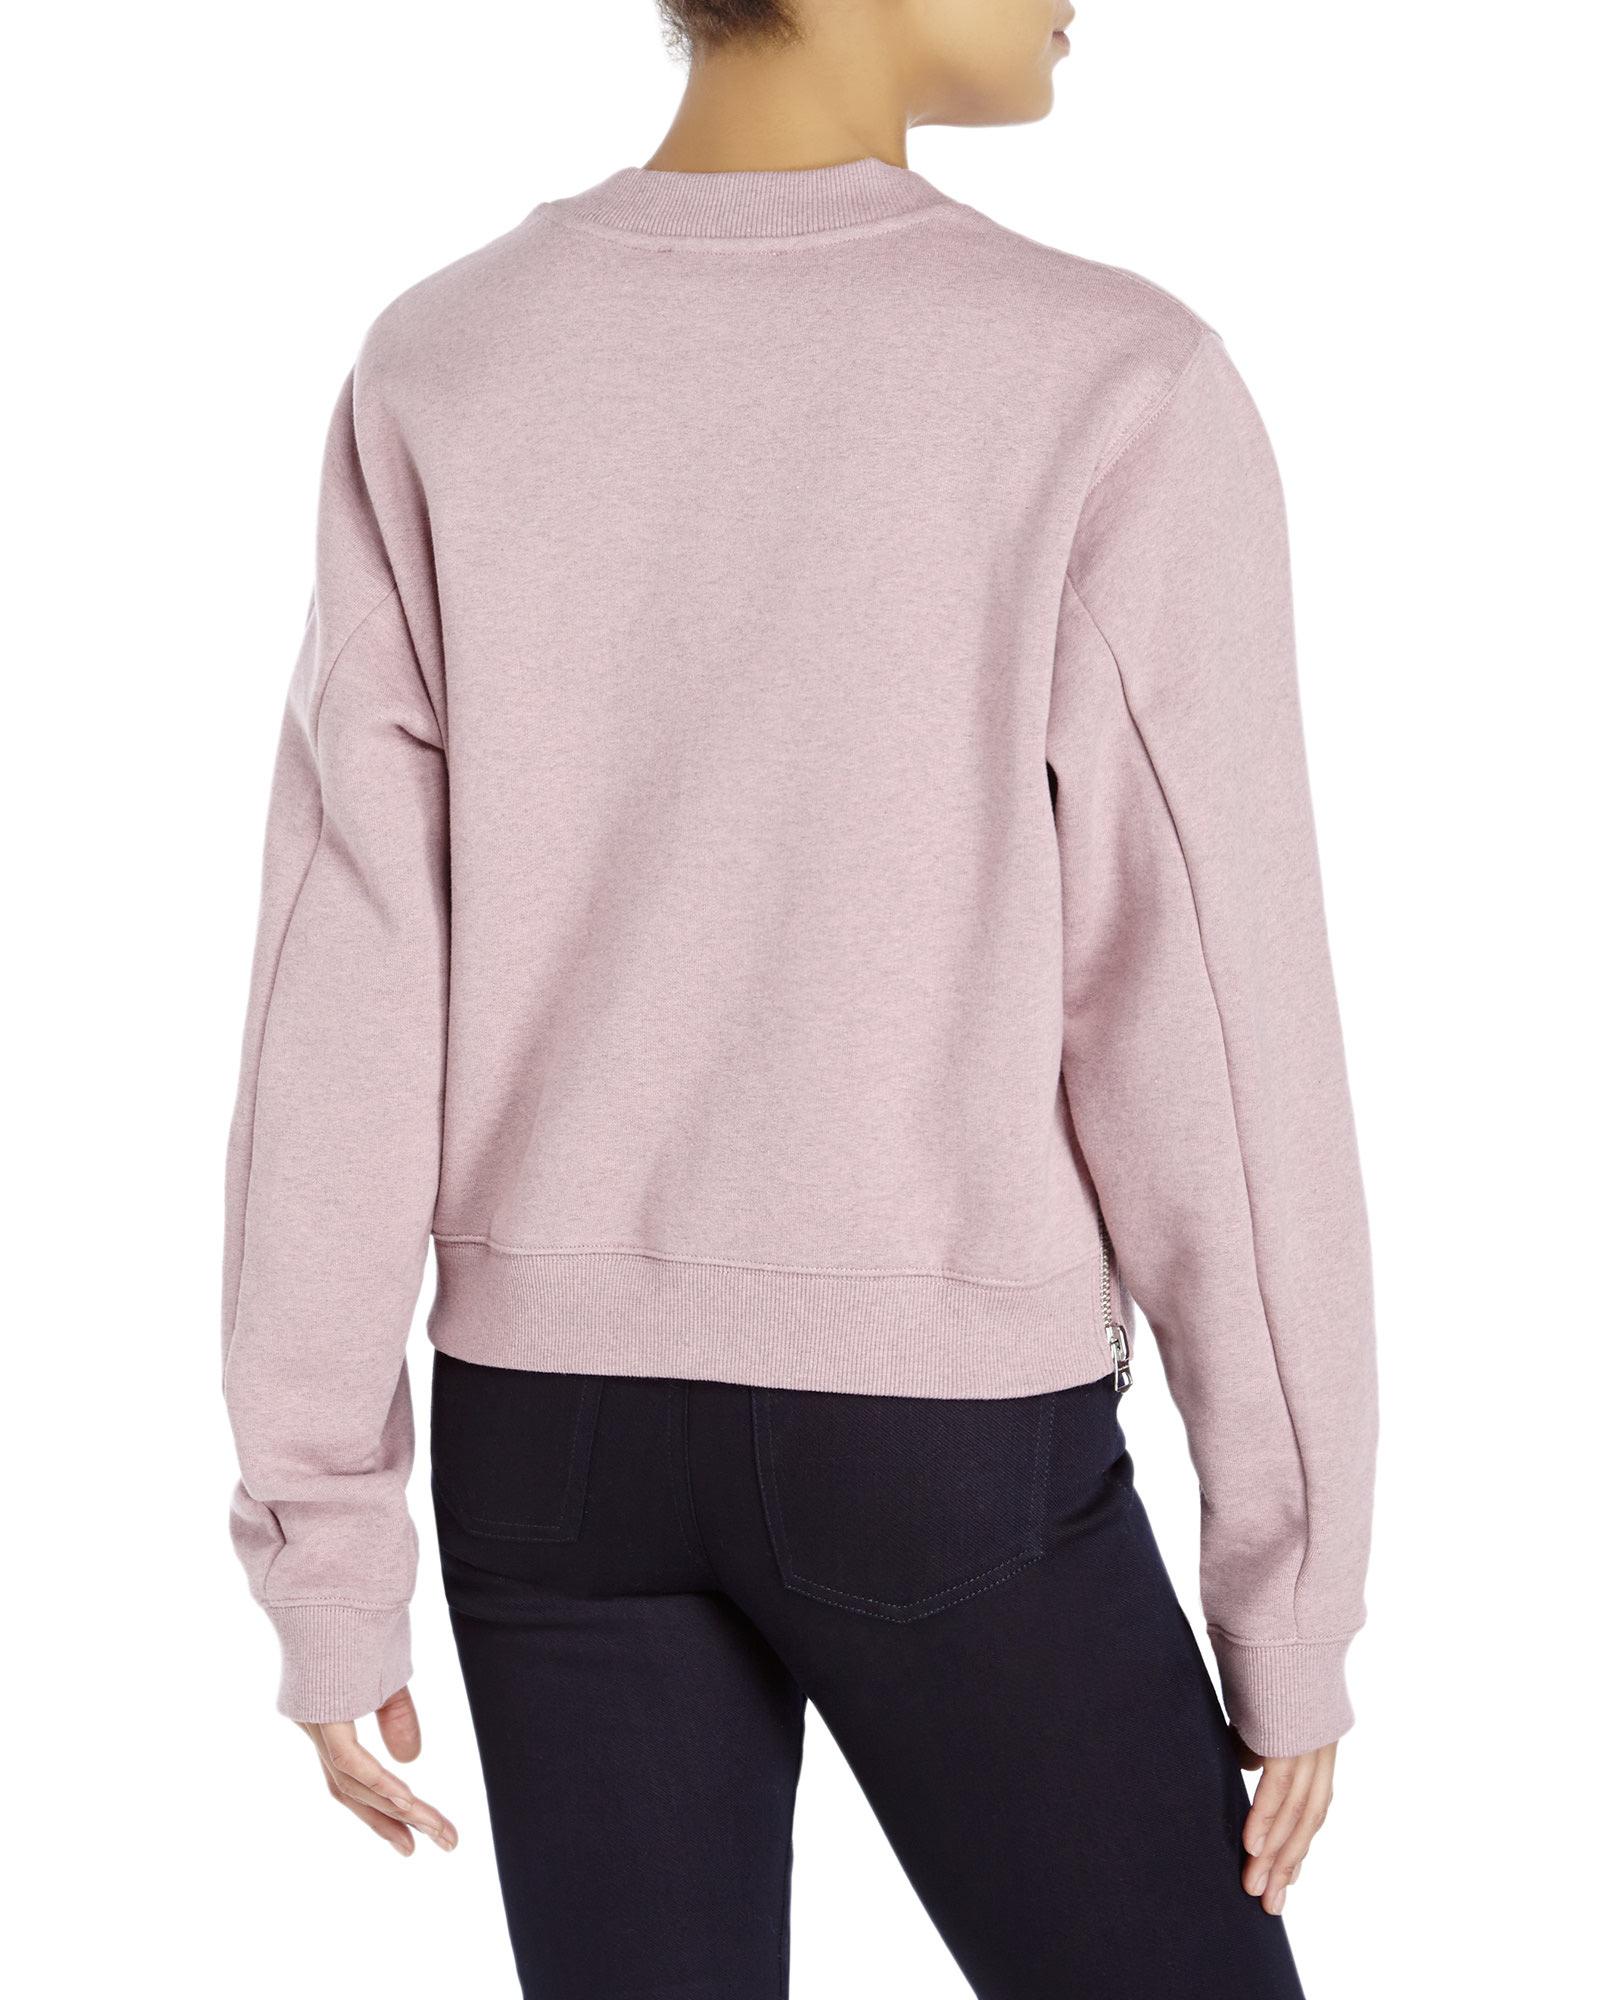 Acne studios Bird Fleece Zipper Sweatshirt in Pink | Lyst